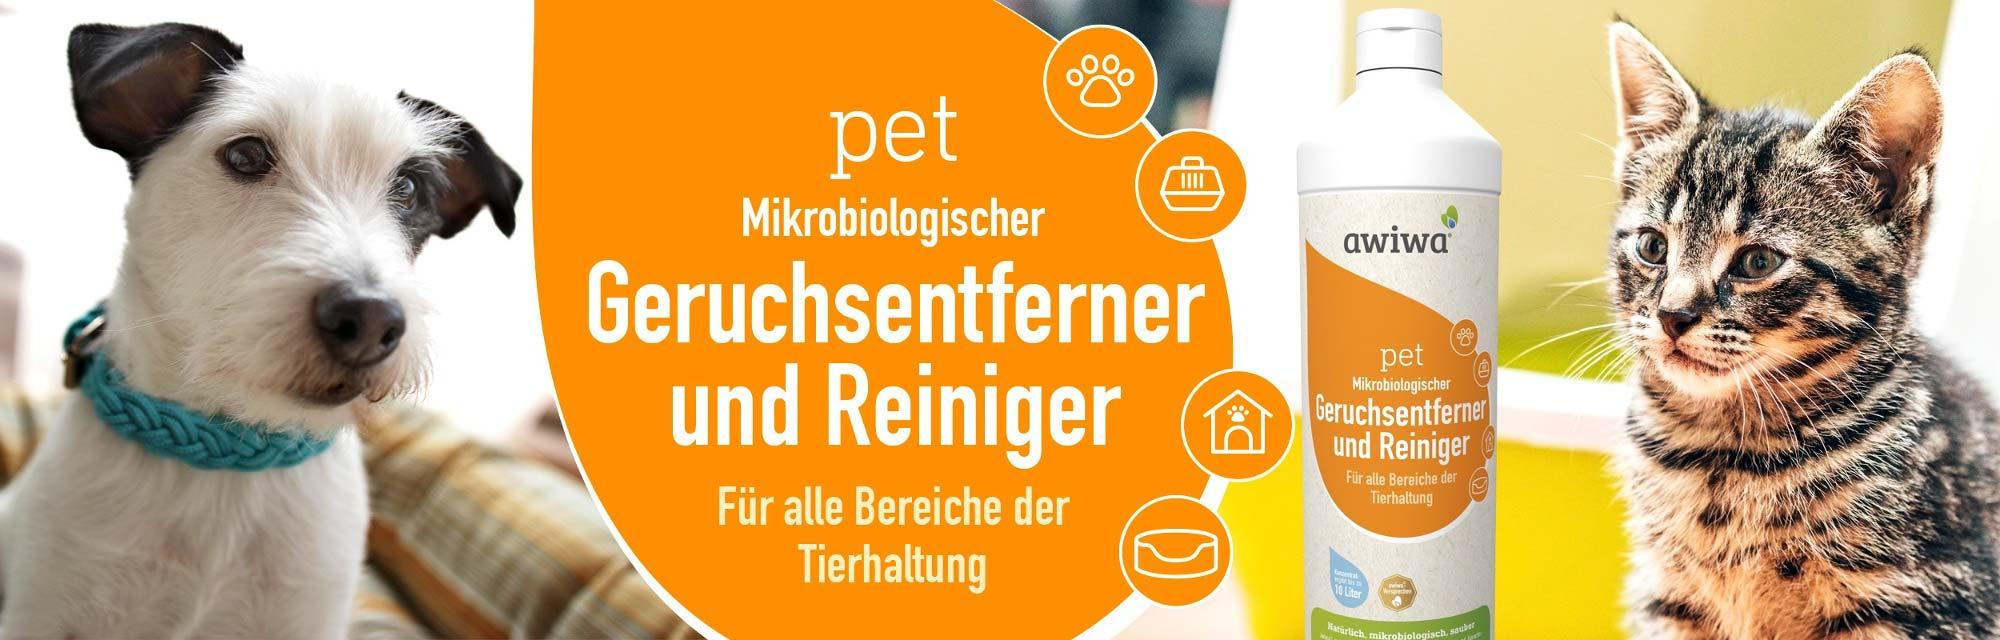 awiwa pet mikrobiologischer Geruchsentferner und Reiniger für alle Bereiche der Tierhaltung